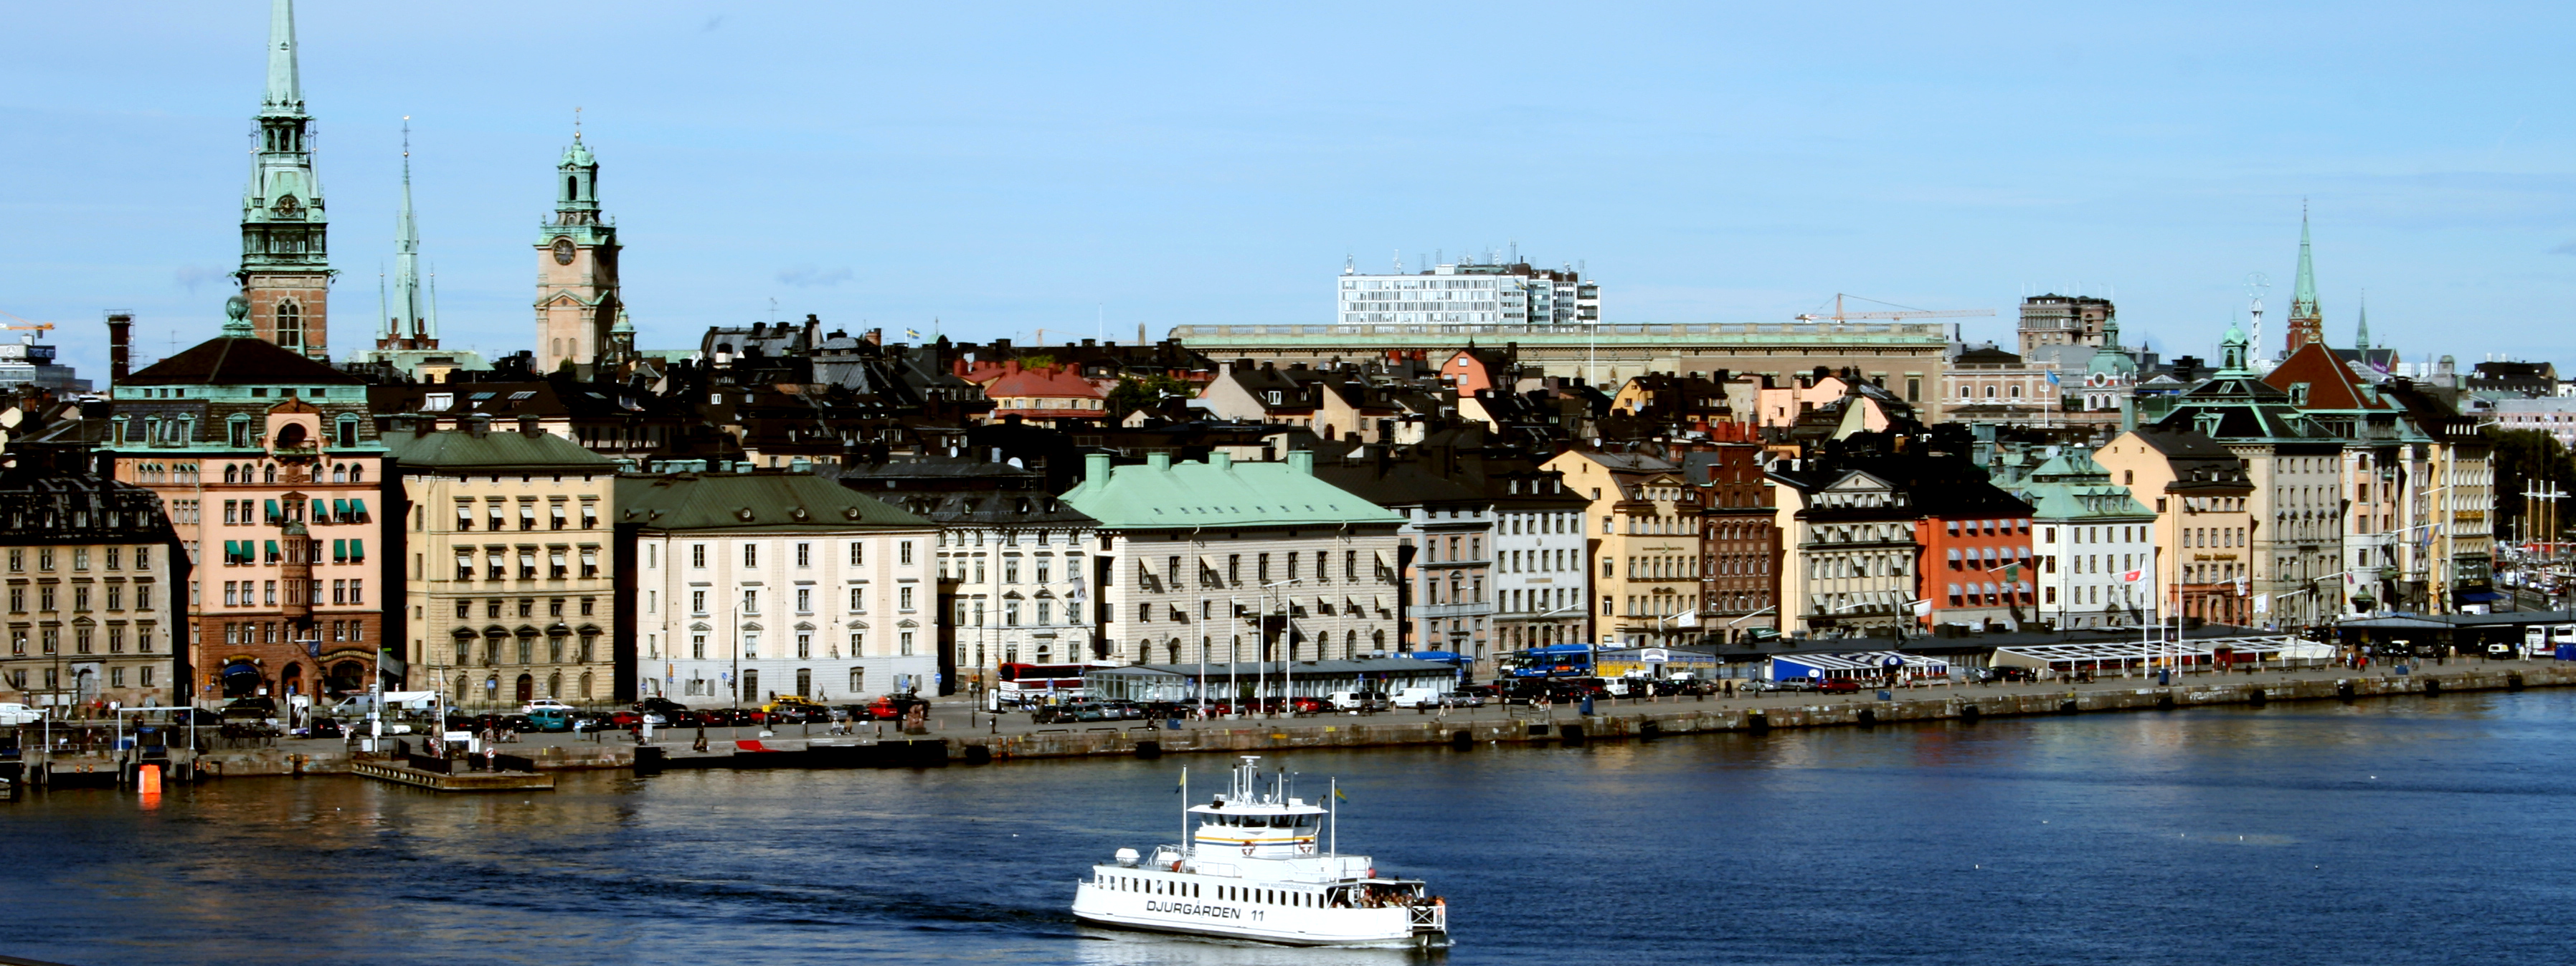 mötesplatsen blogg Malmö